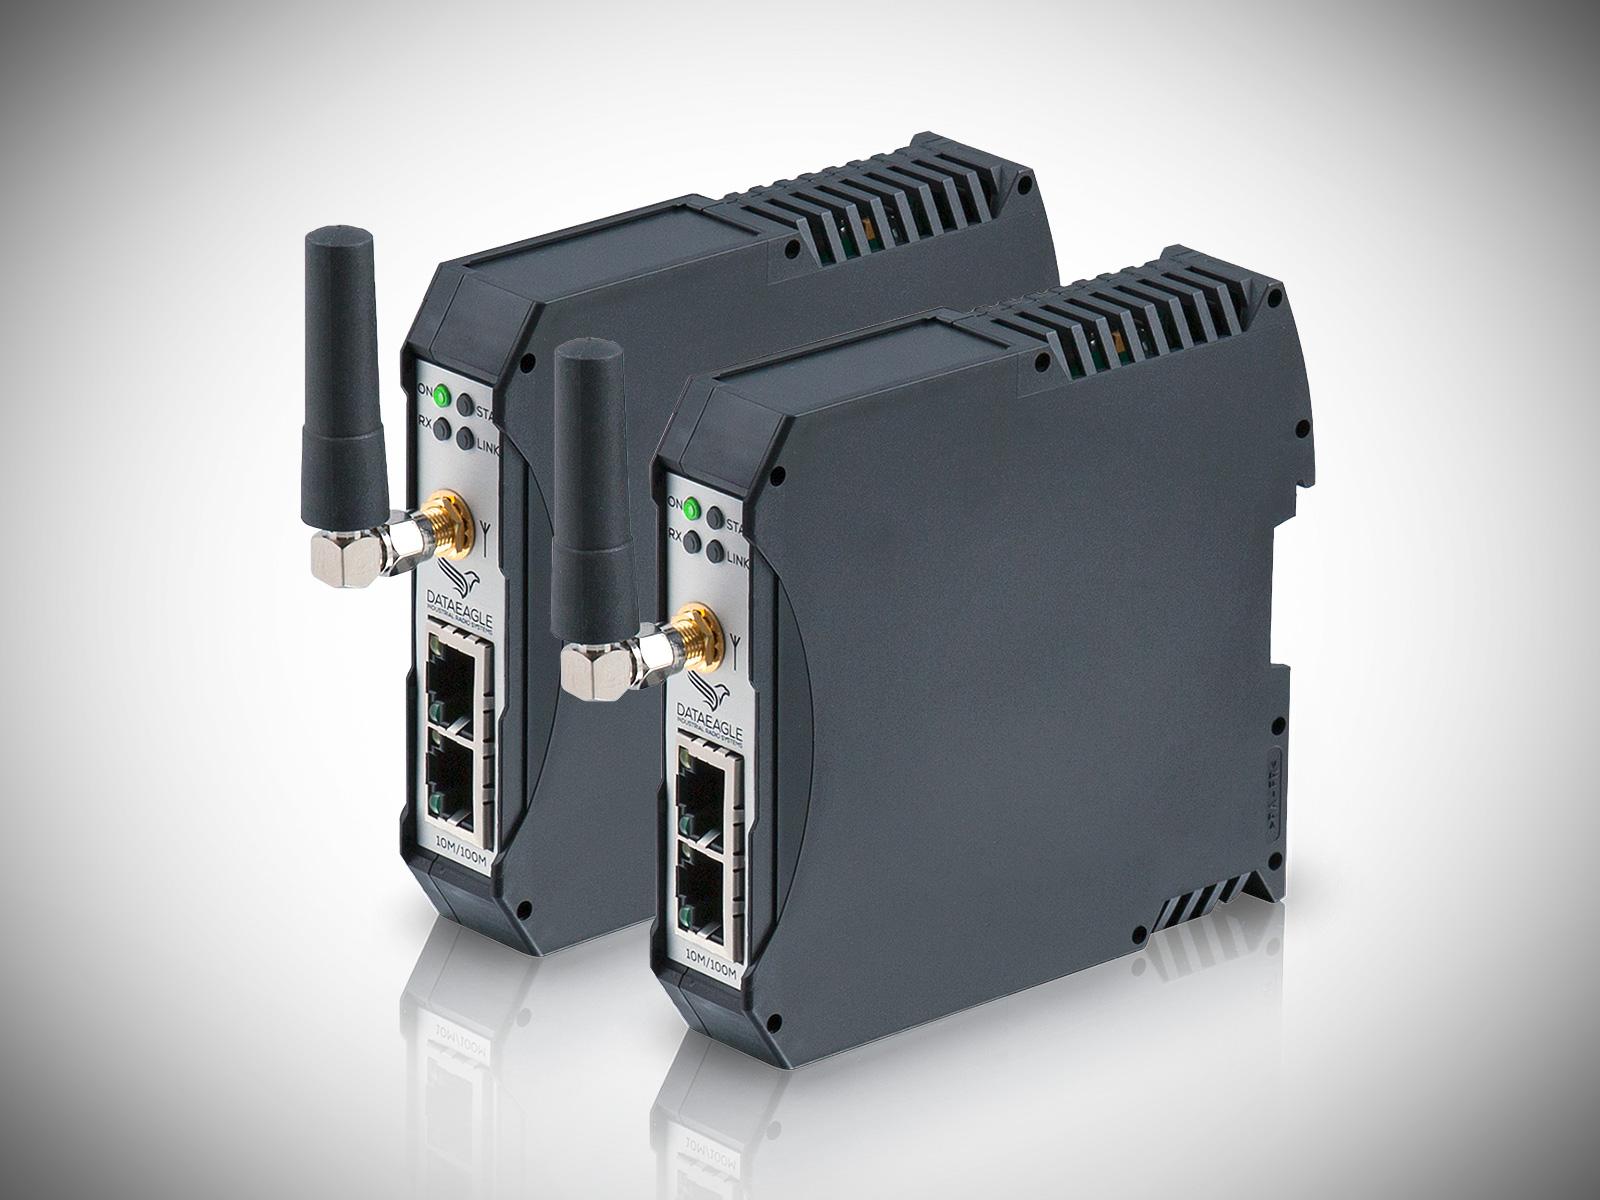 DATAEAGLE 2000 Compact • Kabelloses Funkmodem zur Datenübertragung von IO Signalen bis in die Steuerung (MPI, Profibus, Ethernet Profinet IO, 3964R, L1 zur Simatic S5, CAN)